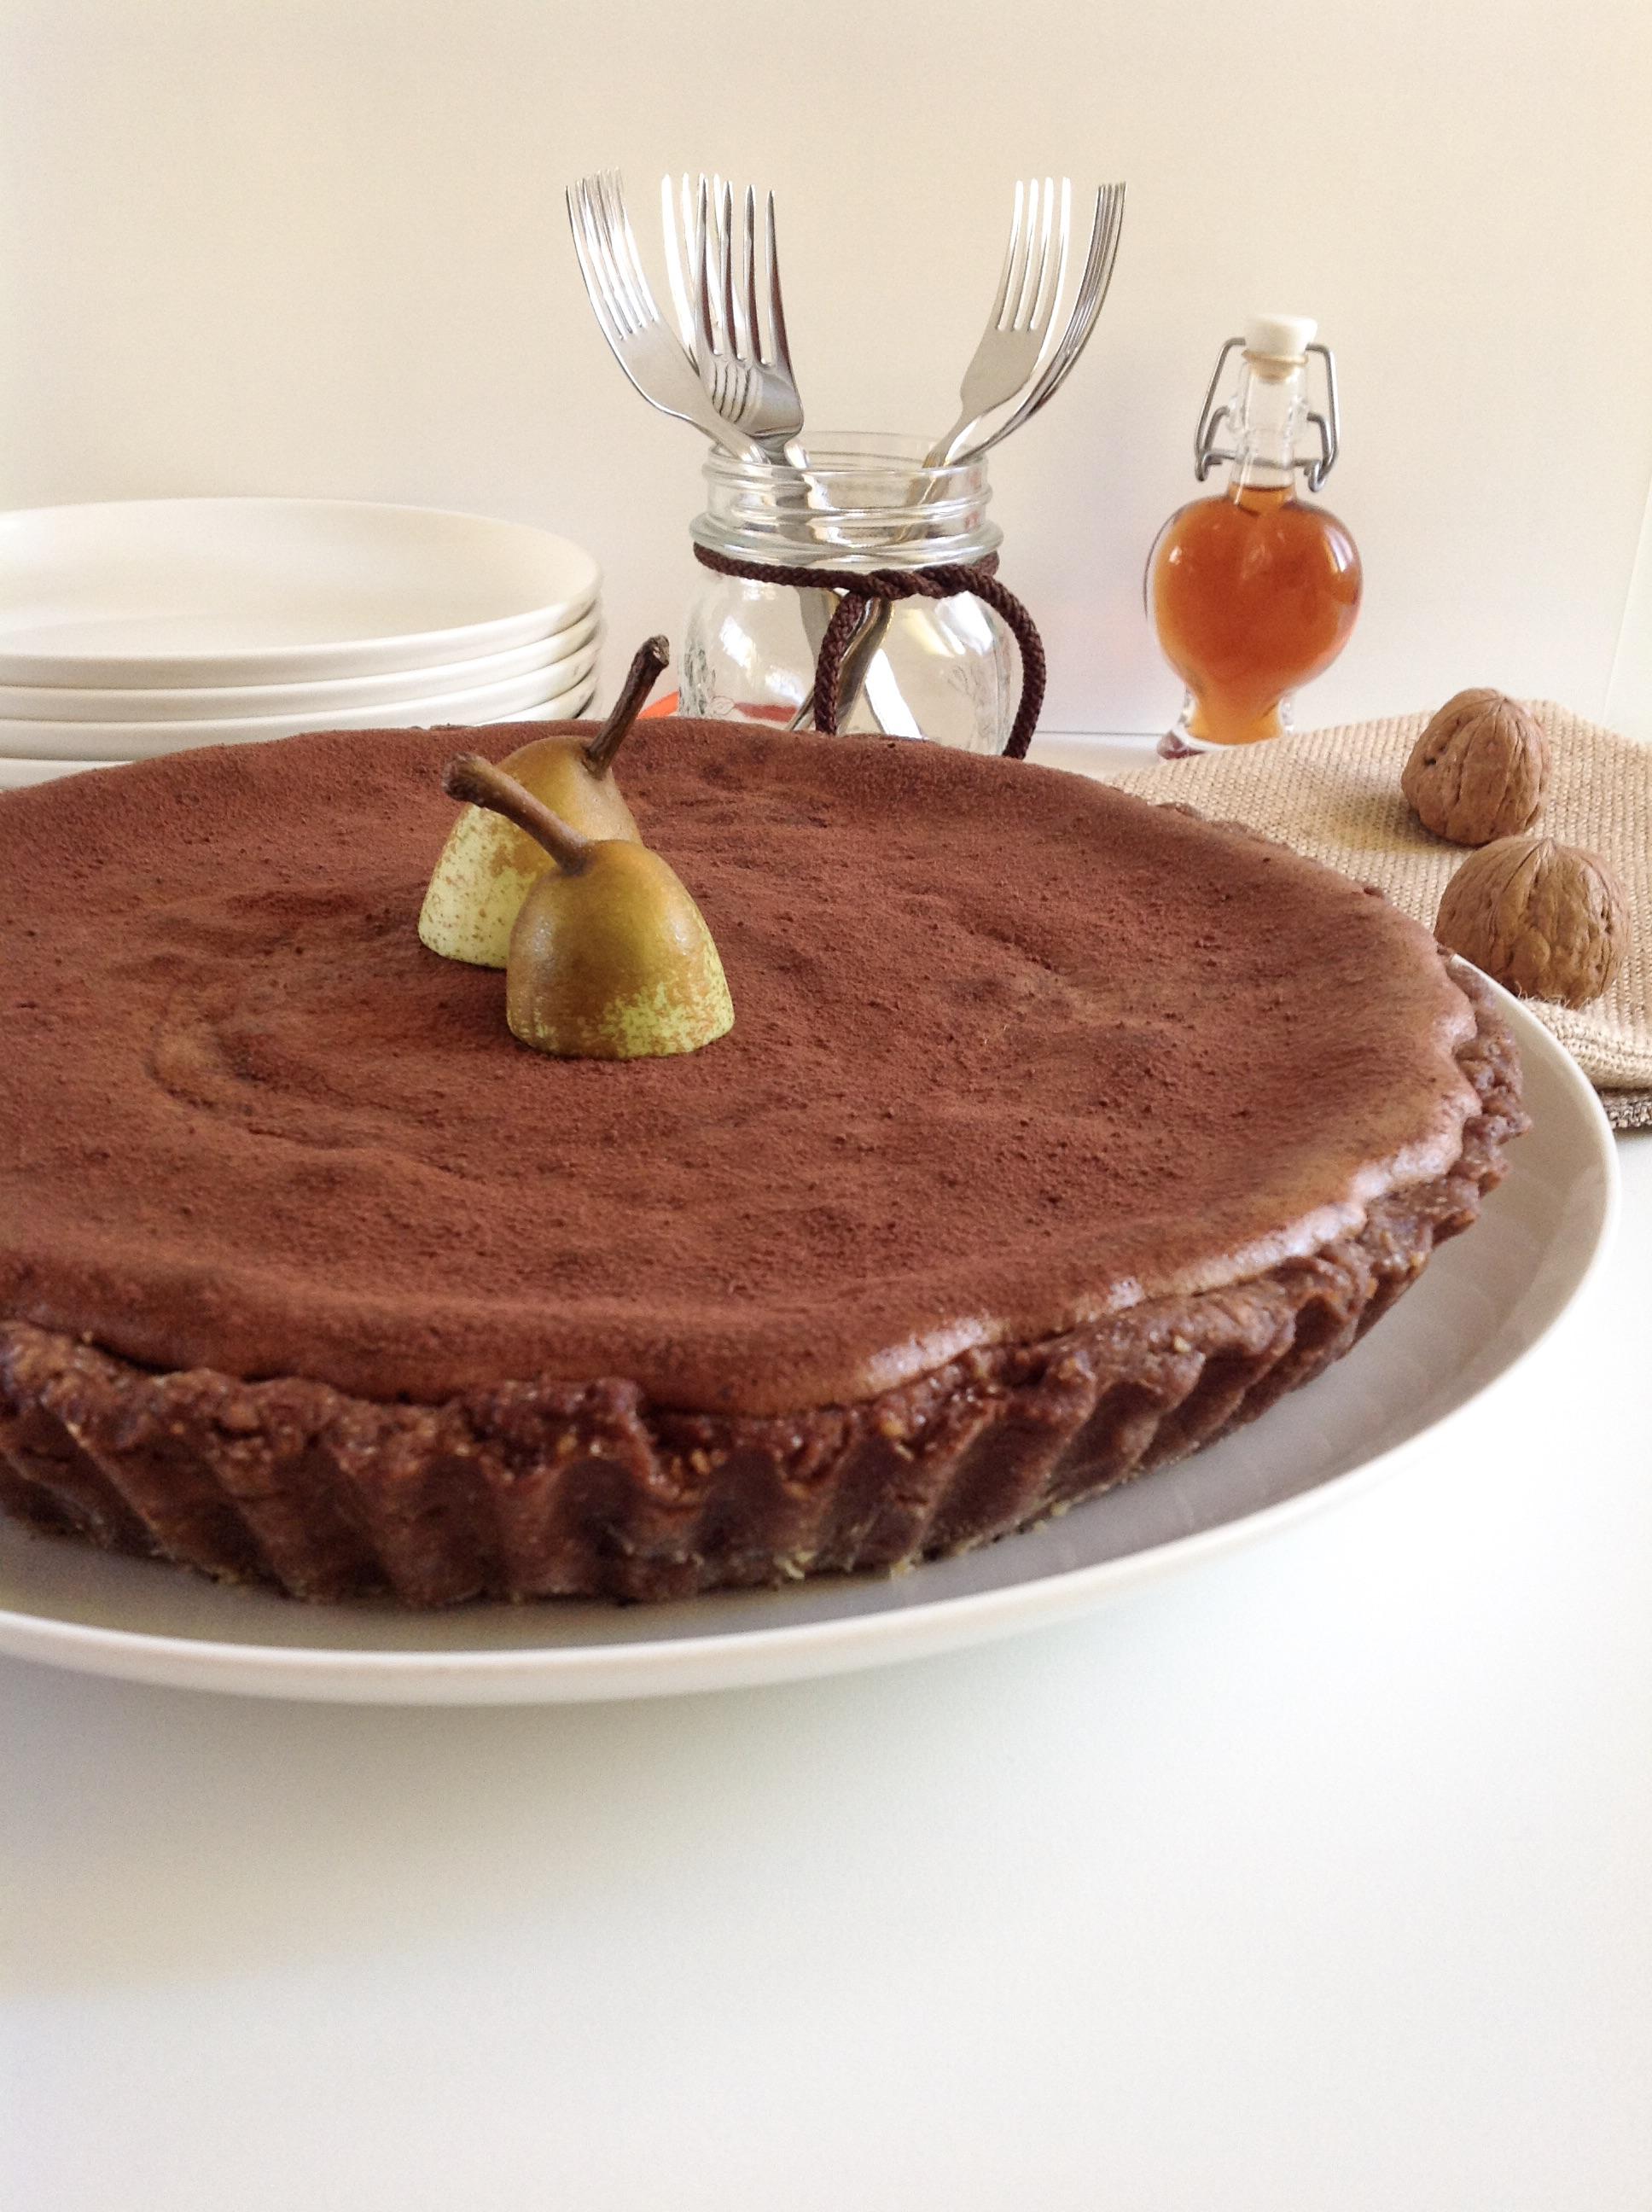 Crostata soufflé al cioccolato e pere